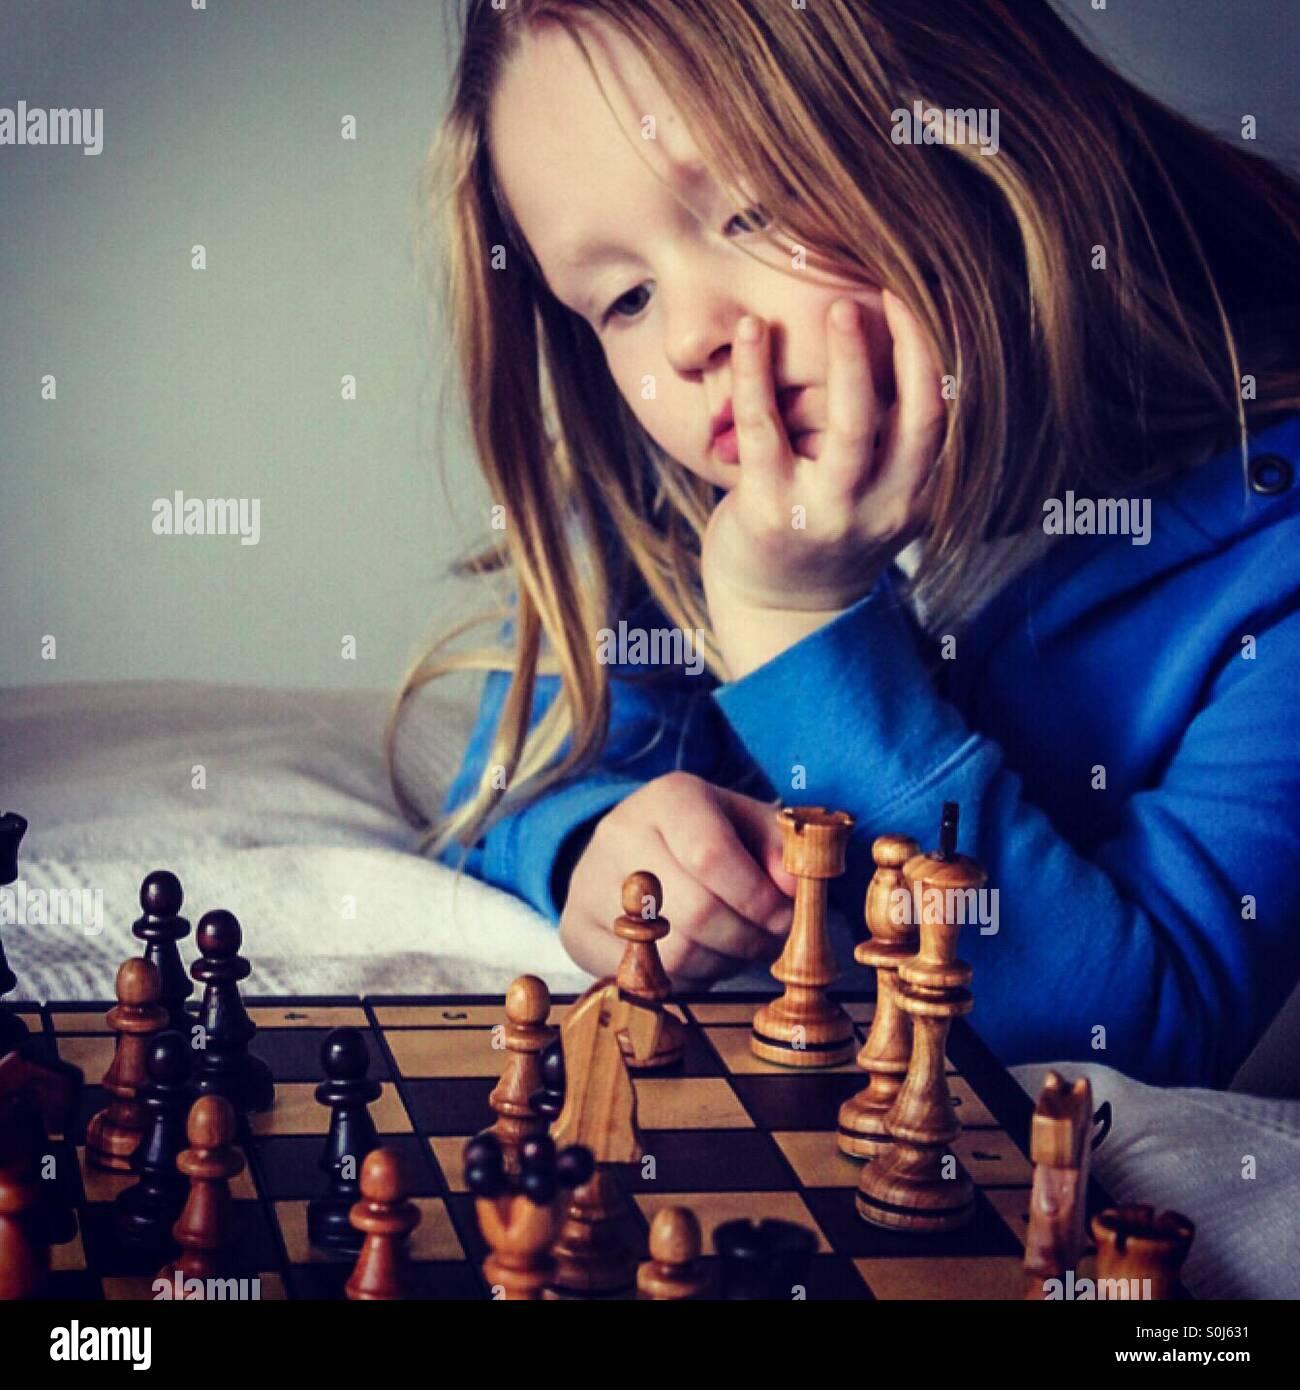 Ragazza che gioca a scacchi Immagini Stock